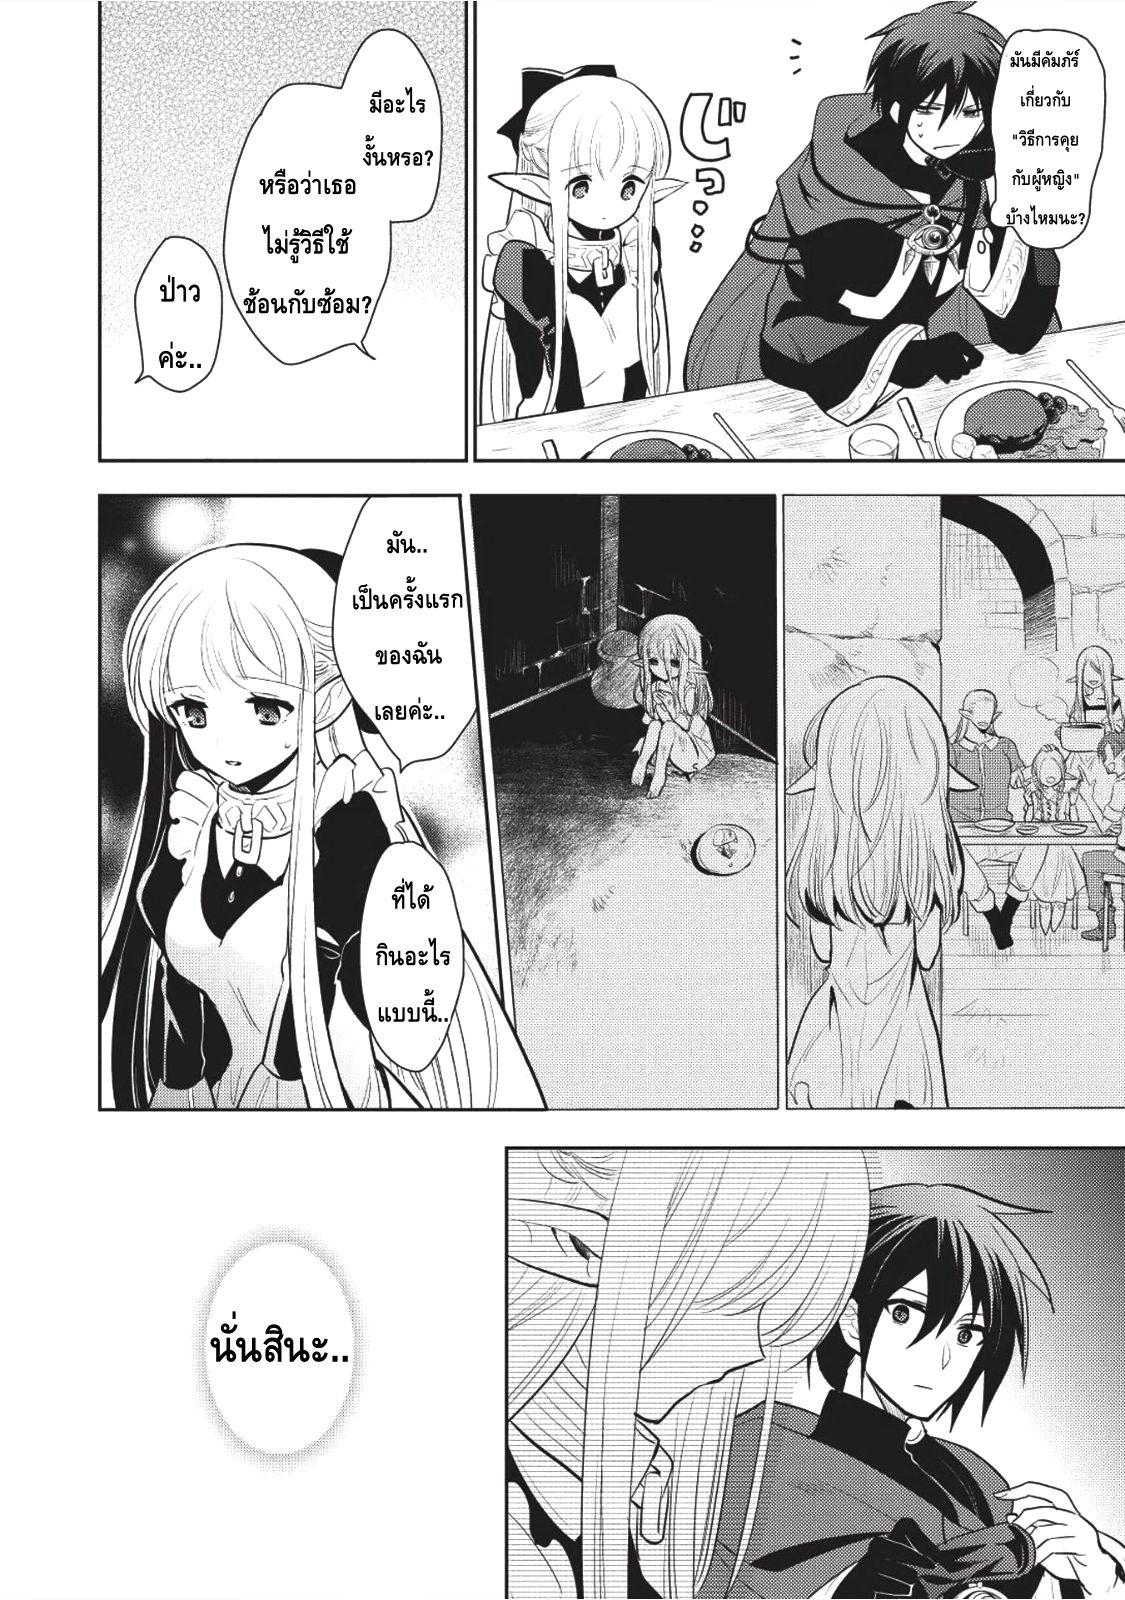 อ่านการ์ตูน Maou no Ore ga Dorei Elf wo Yome ni Shitanda ga Dou Medereba Ii ตอนที่ 4 หน้าที่ 20